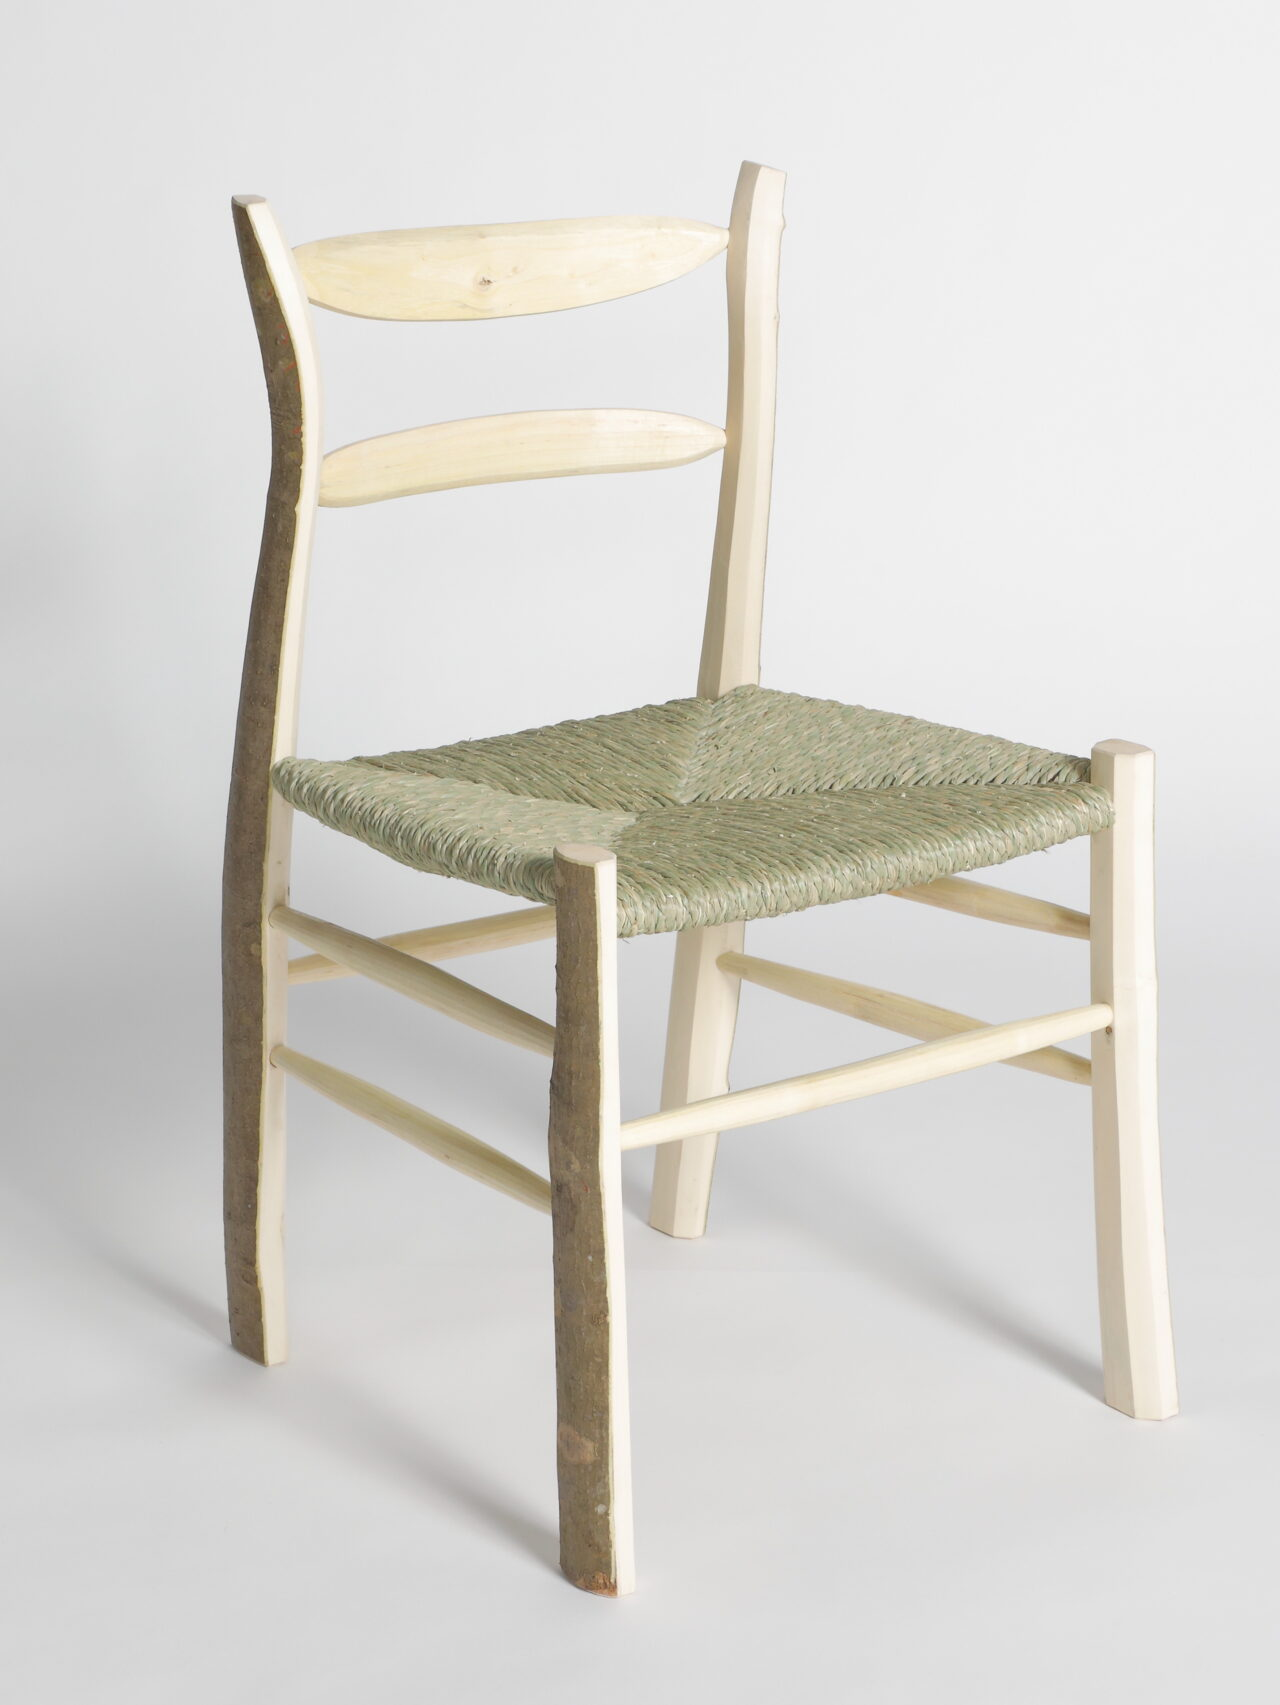 アオハダとムクノキの椅子